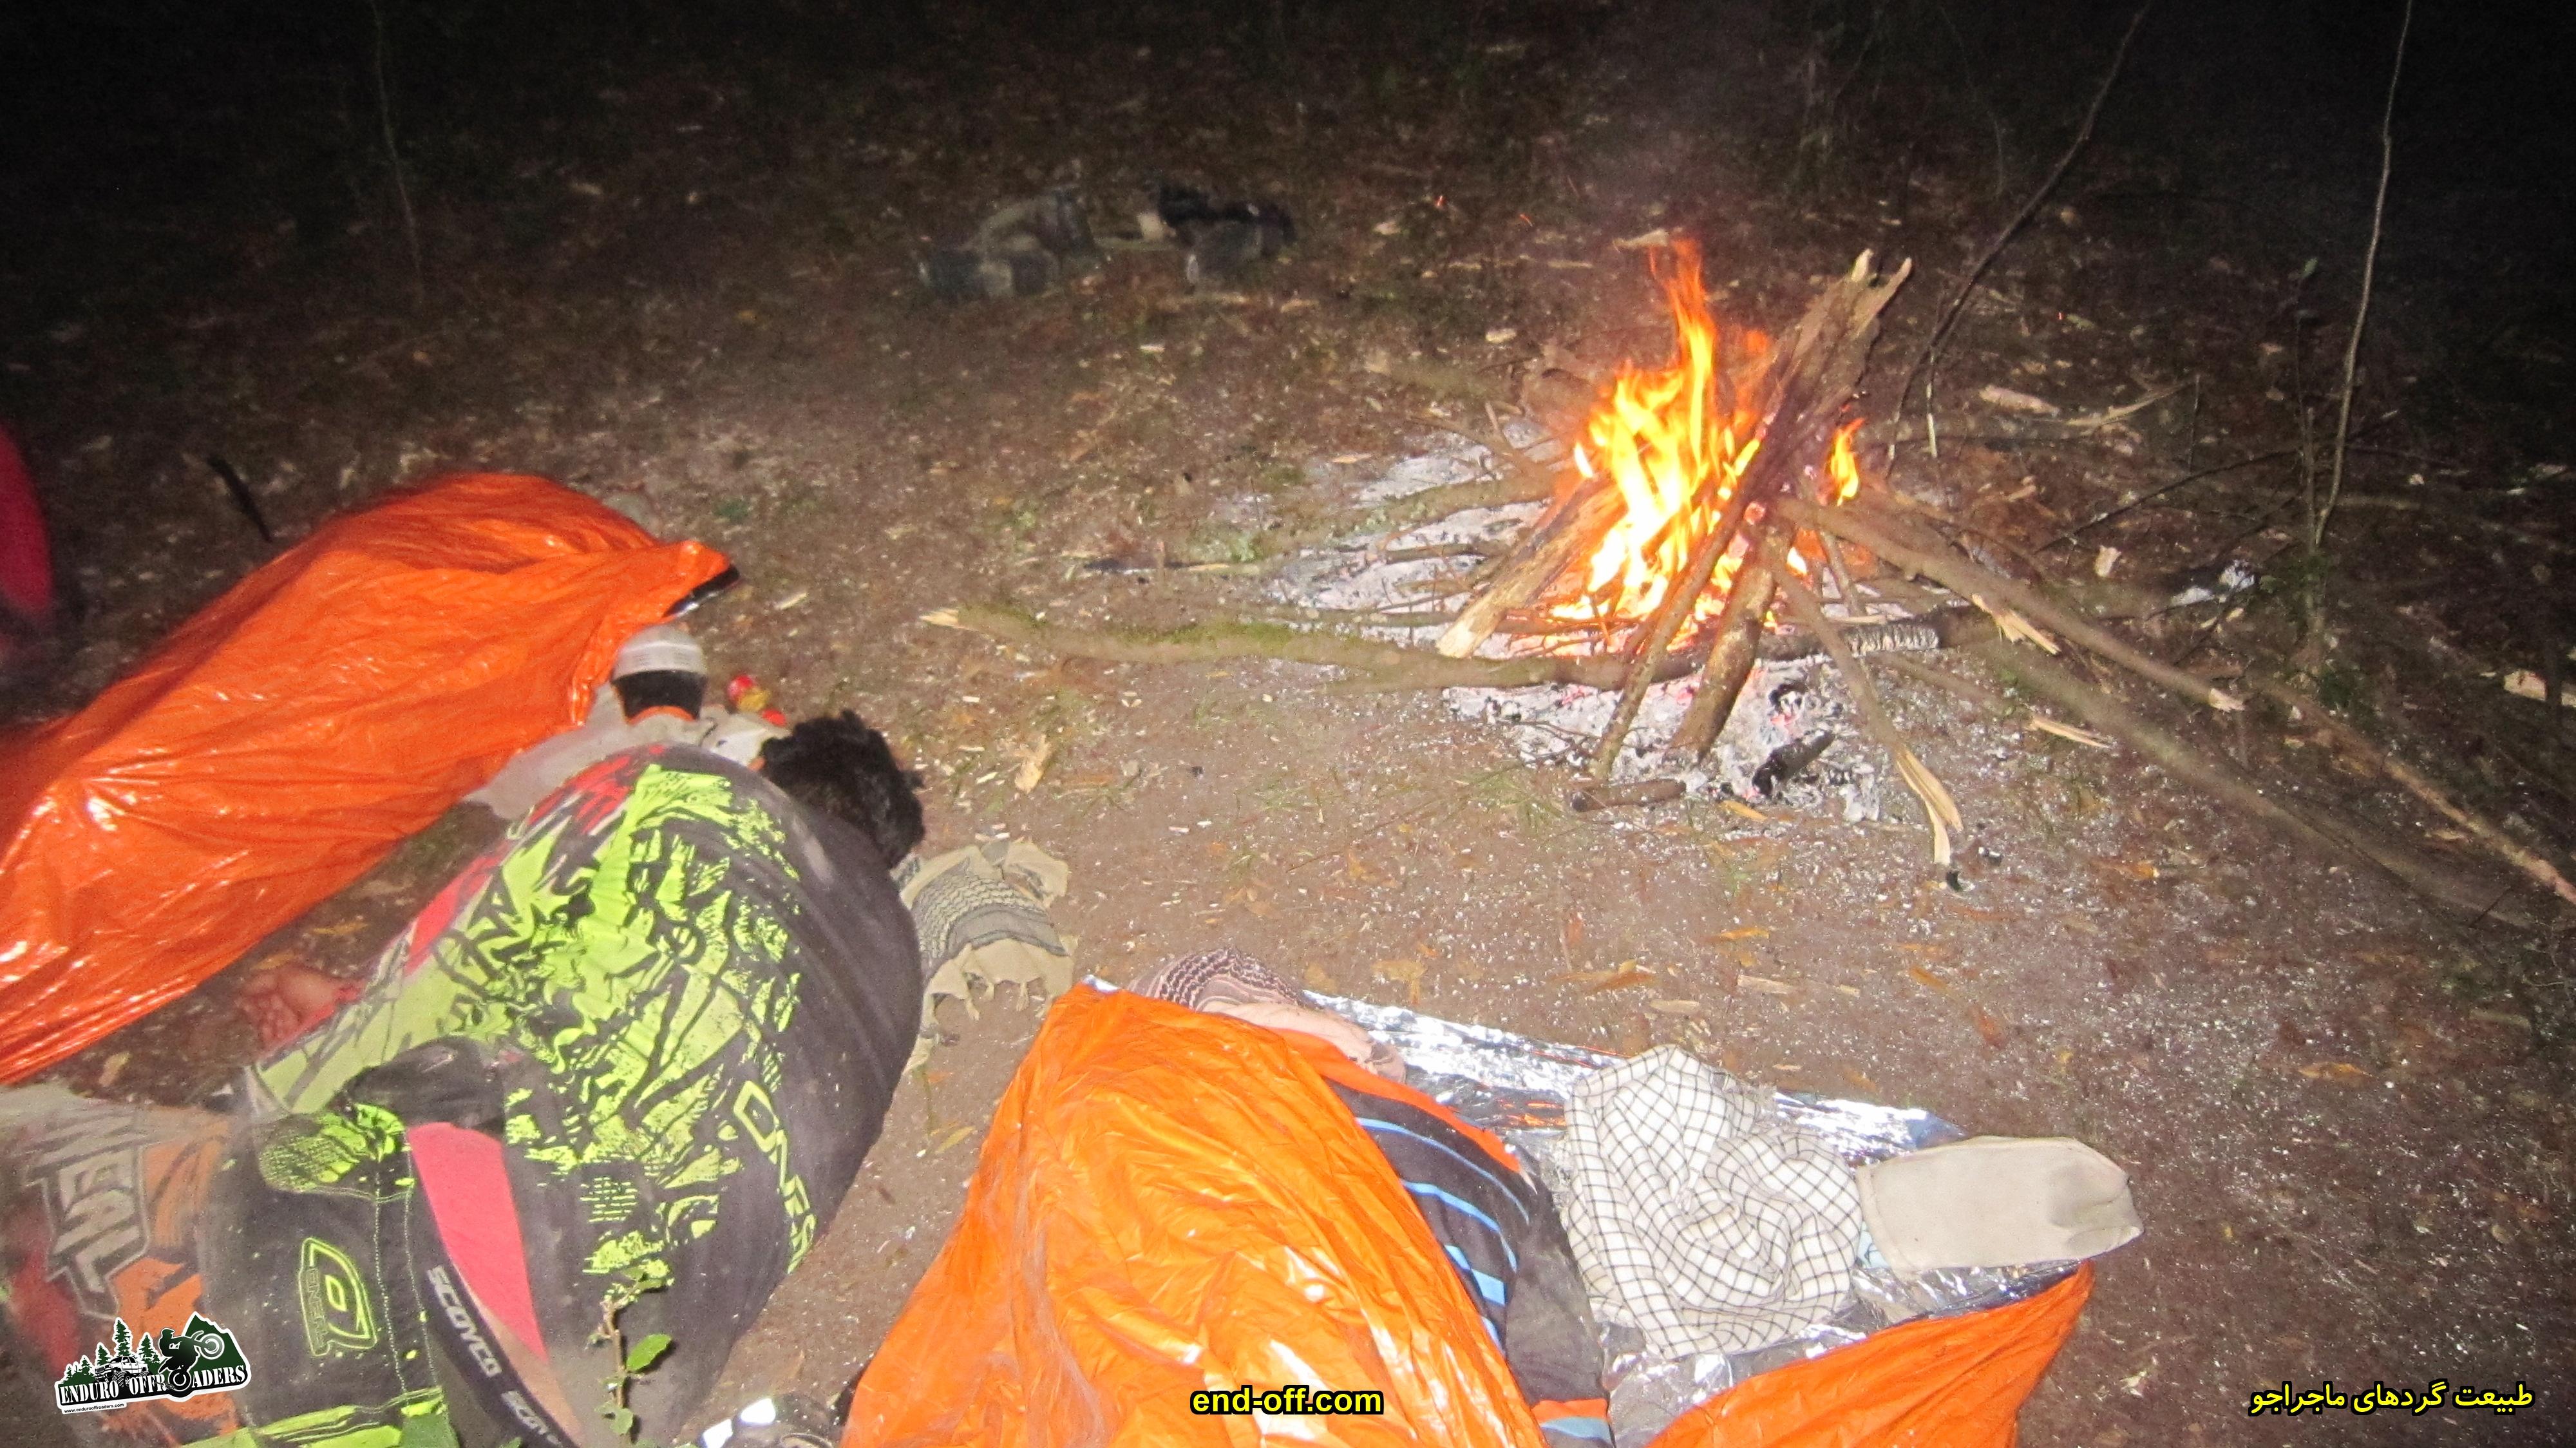 خوابیدن در جنگل - گت کلا به دیوا - تابستان 1399 - 2020